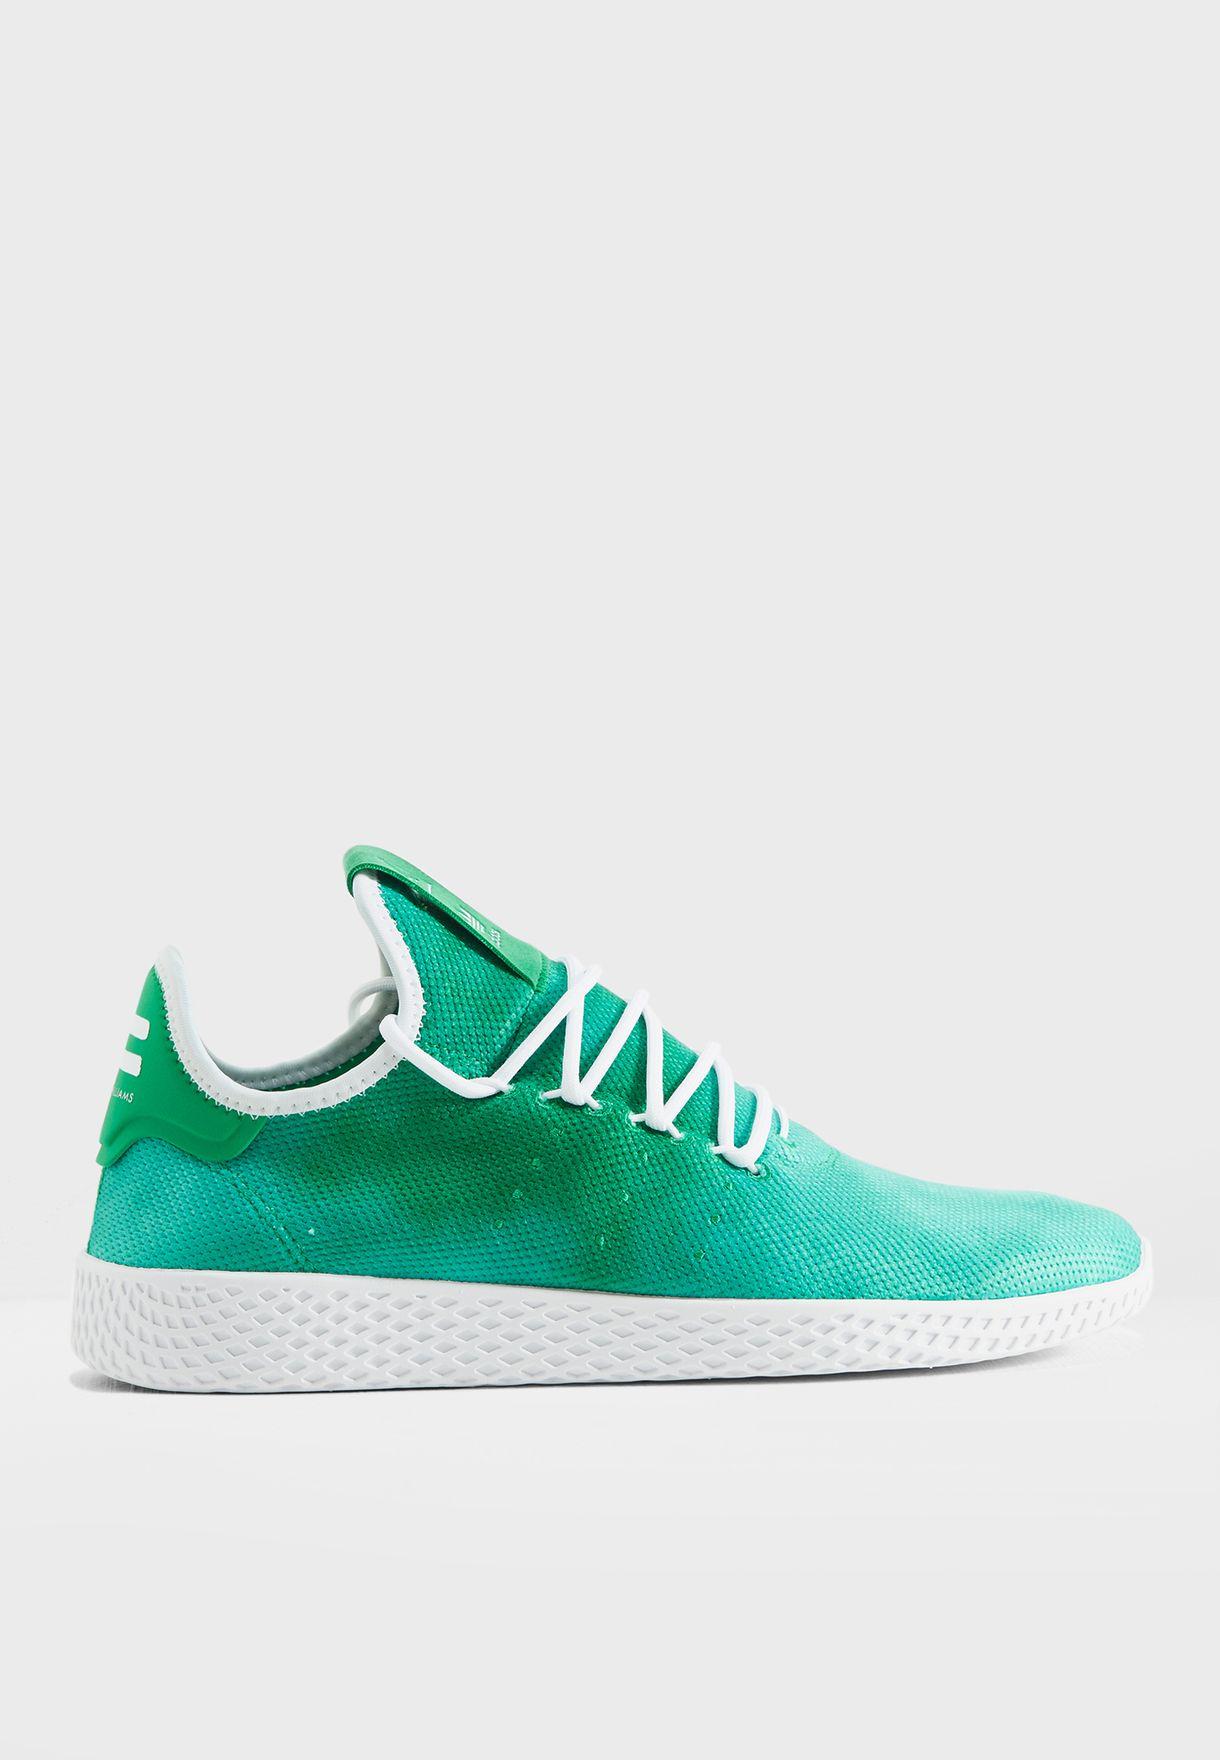 92ab06ca90736 Shop adidas Originals green Pharrell Williams Hu Holi Tennis DA9619 ...